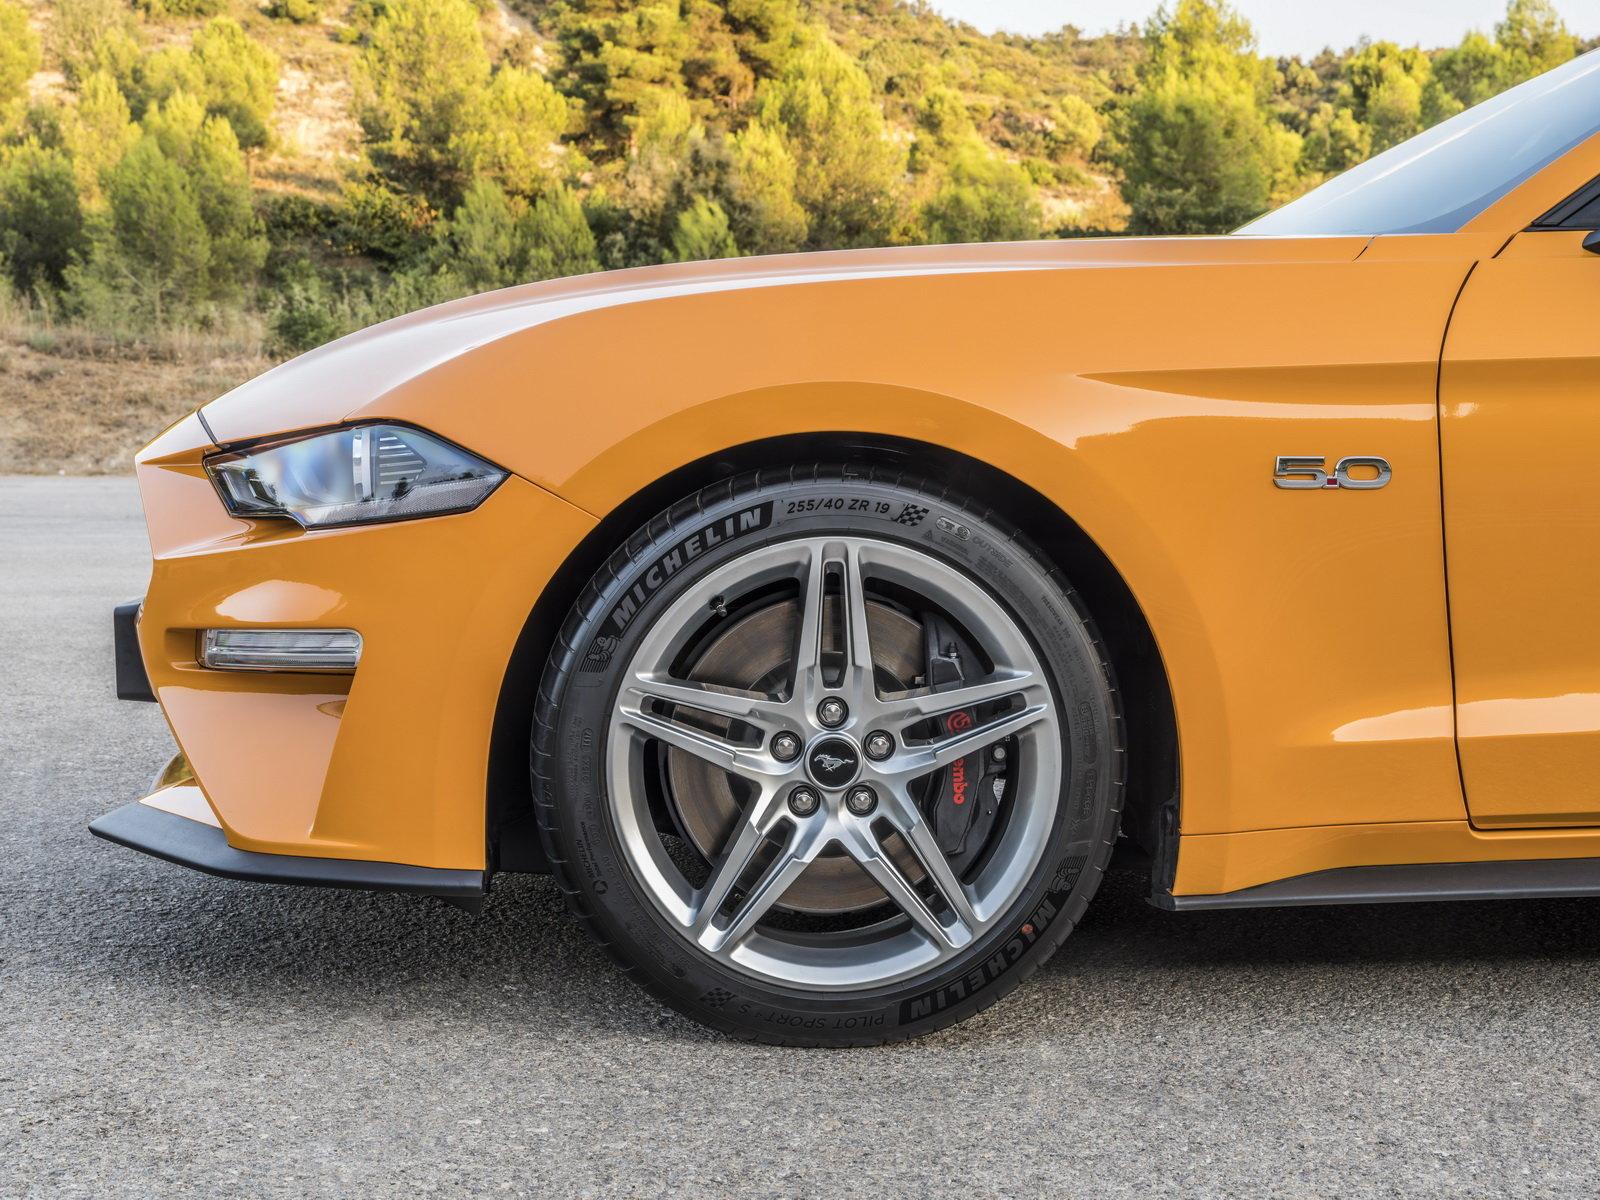 Omlazený Ford Mustang 2018